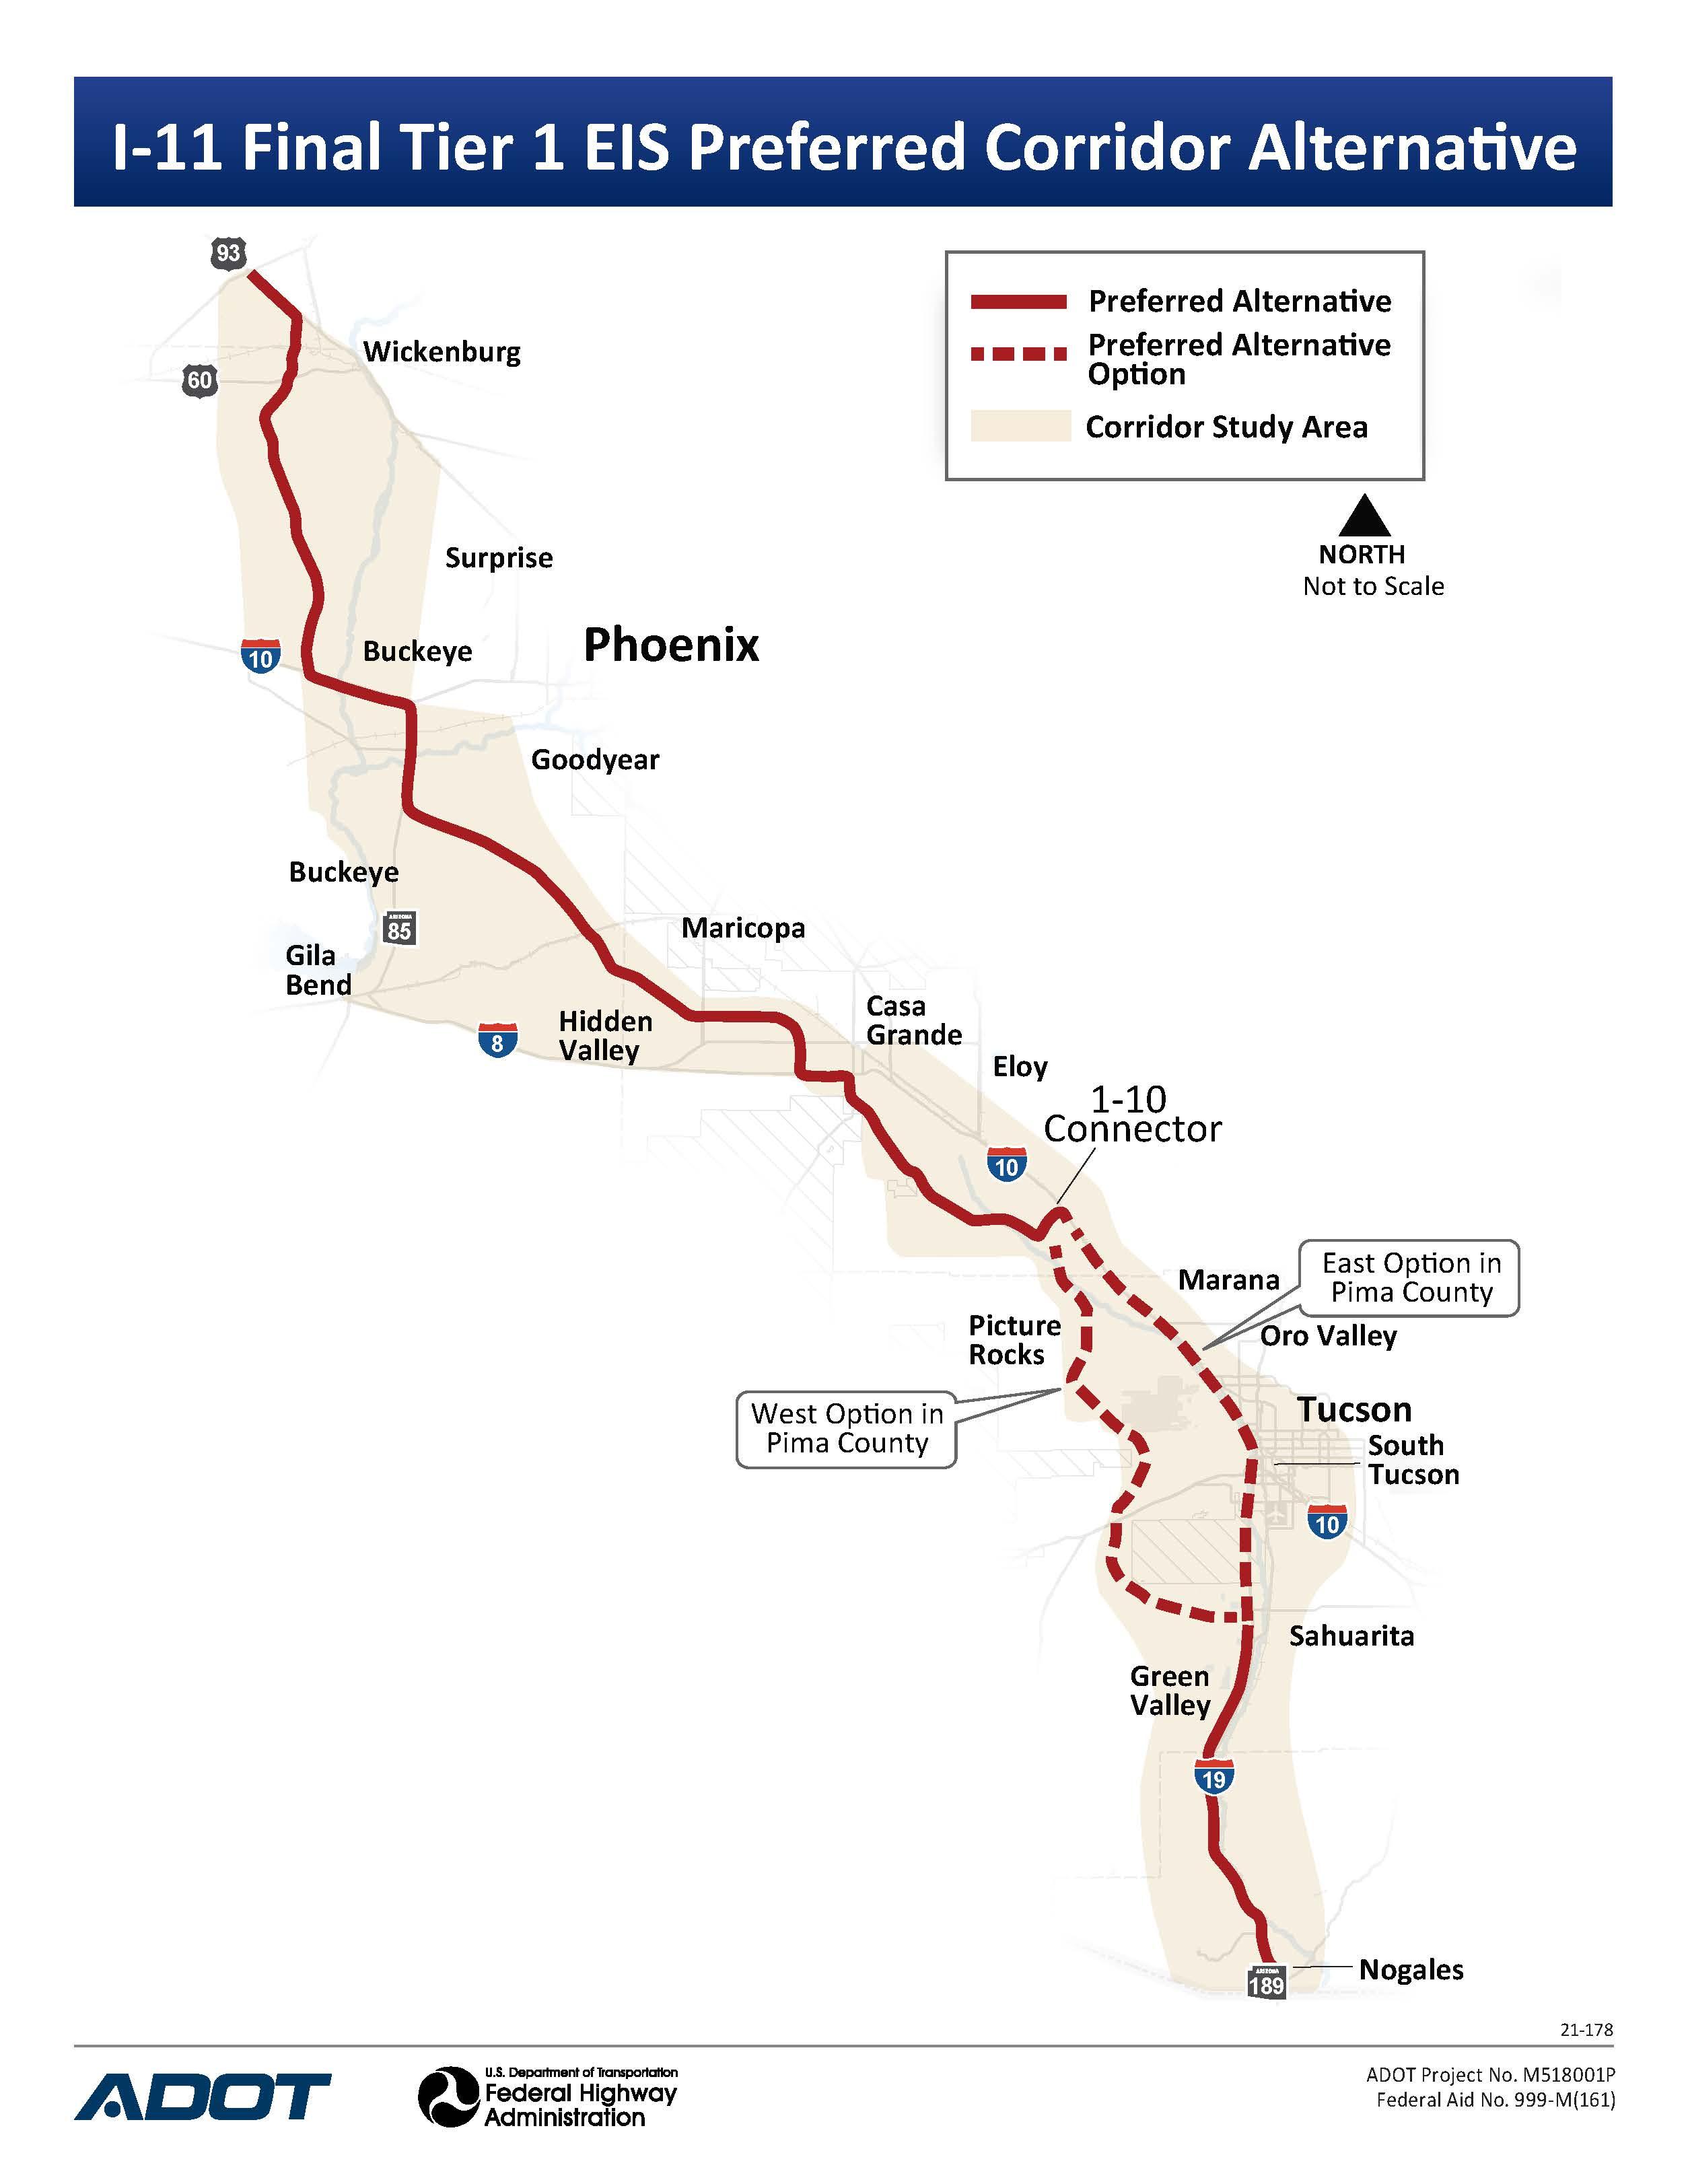 I-11 Preferred Corridor Map